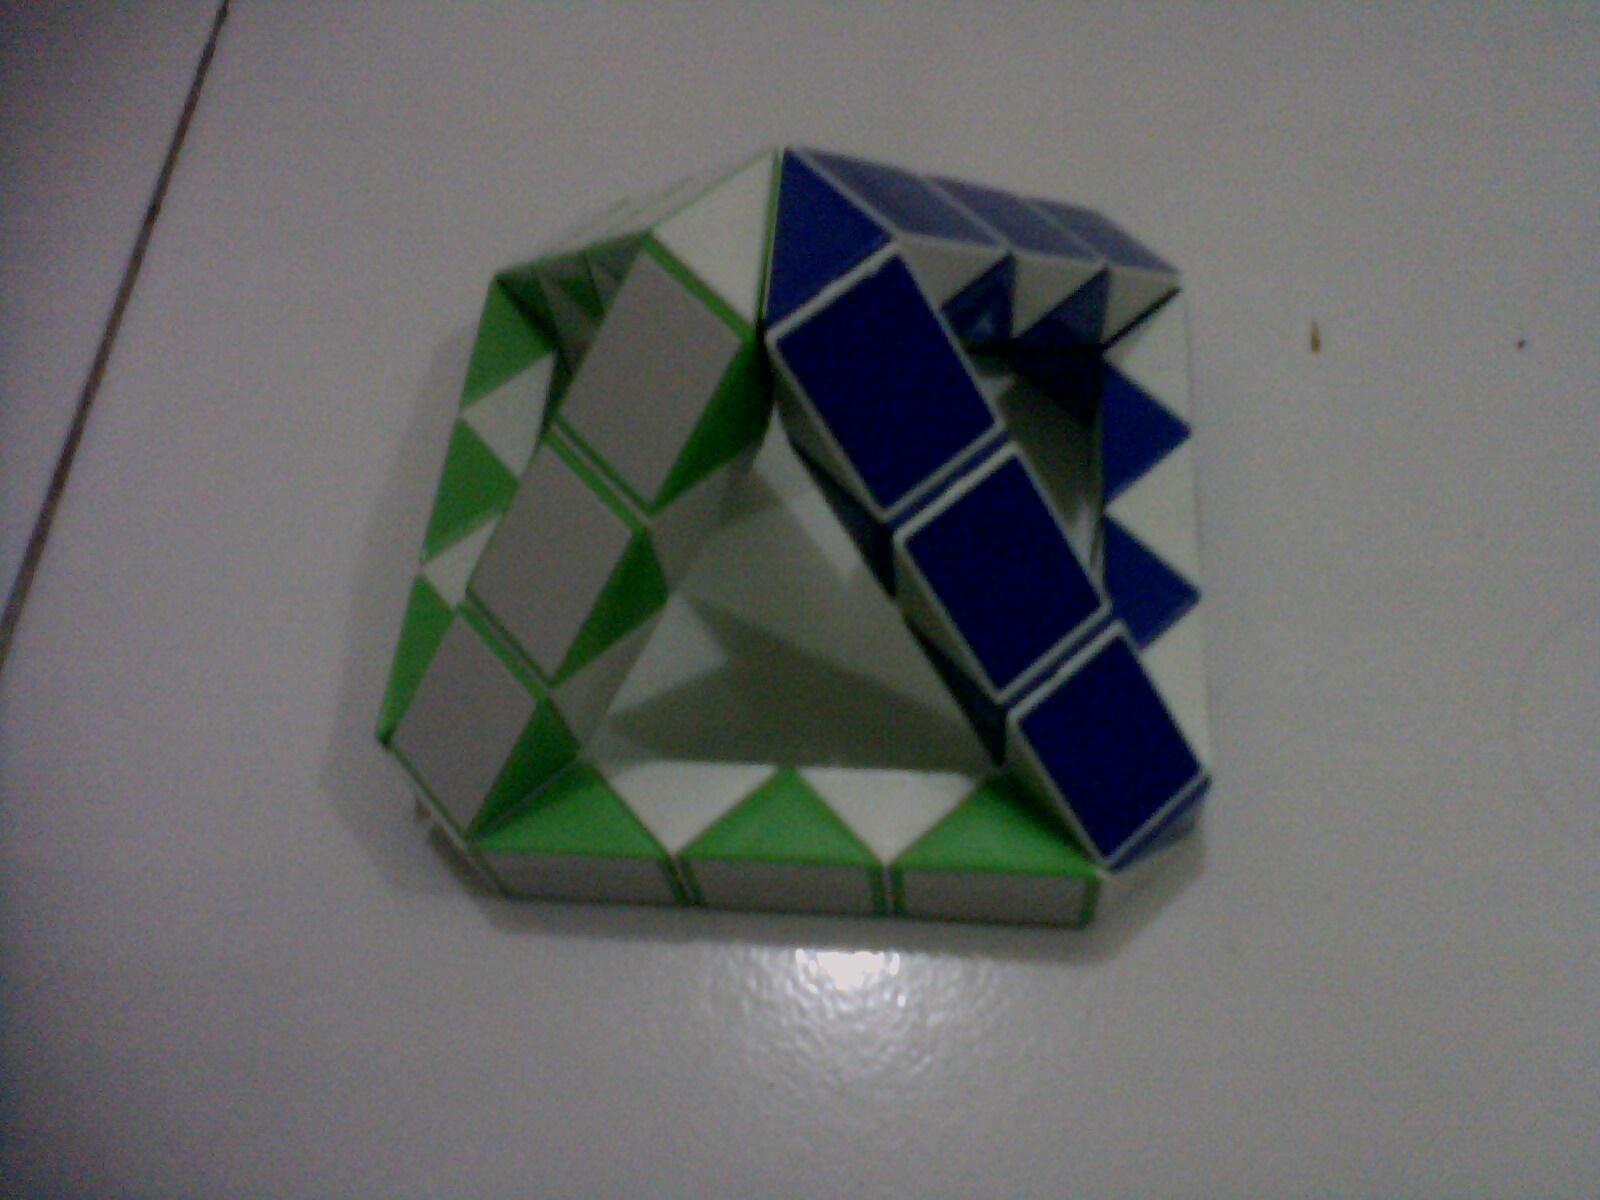 gambar 7. Piramid